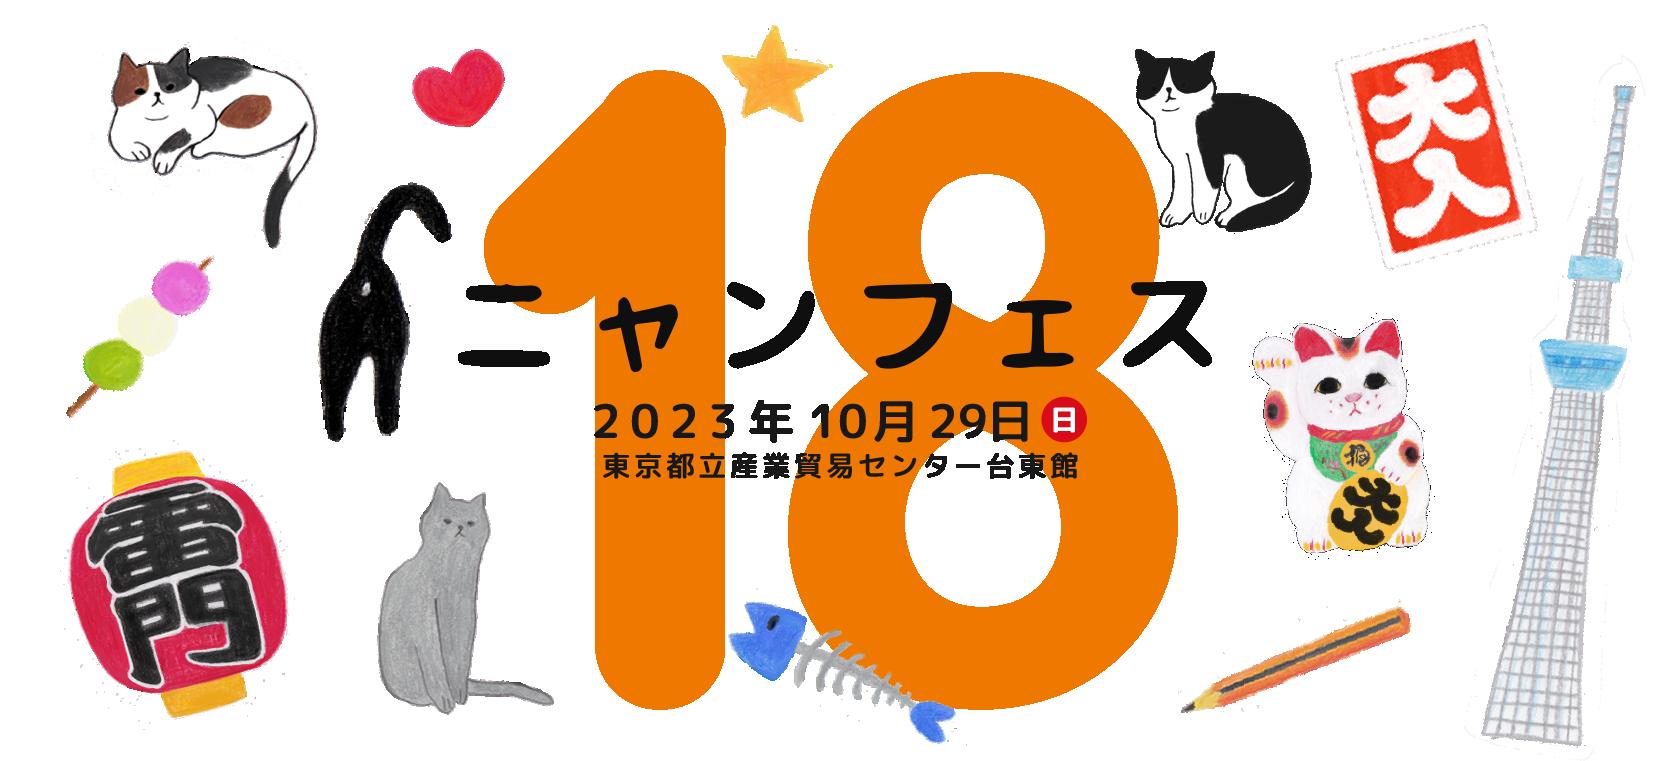 ニャンフェス6 @東京都立産業貿易センター10/8 #ニャンフェス #猫好き による、猫好きのための猫雑貨 #イベント #ネコ #猫 #ねこ @ 東京都立産業貿易センター | 台東区 | 東京都 | 日本